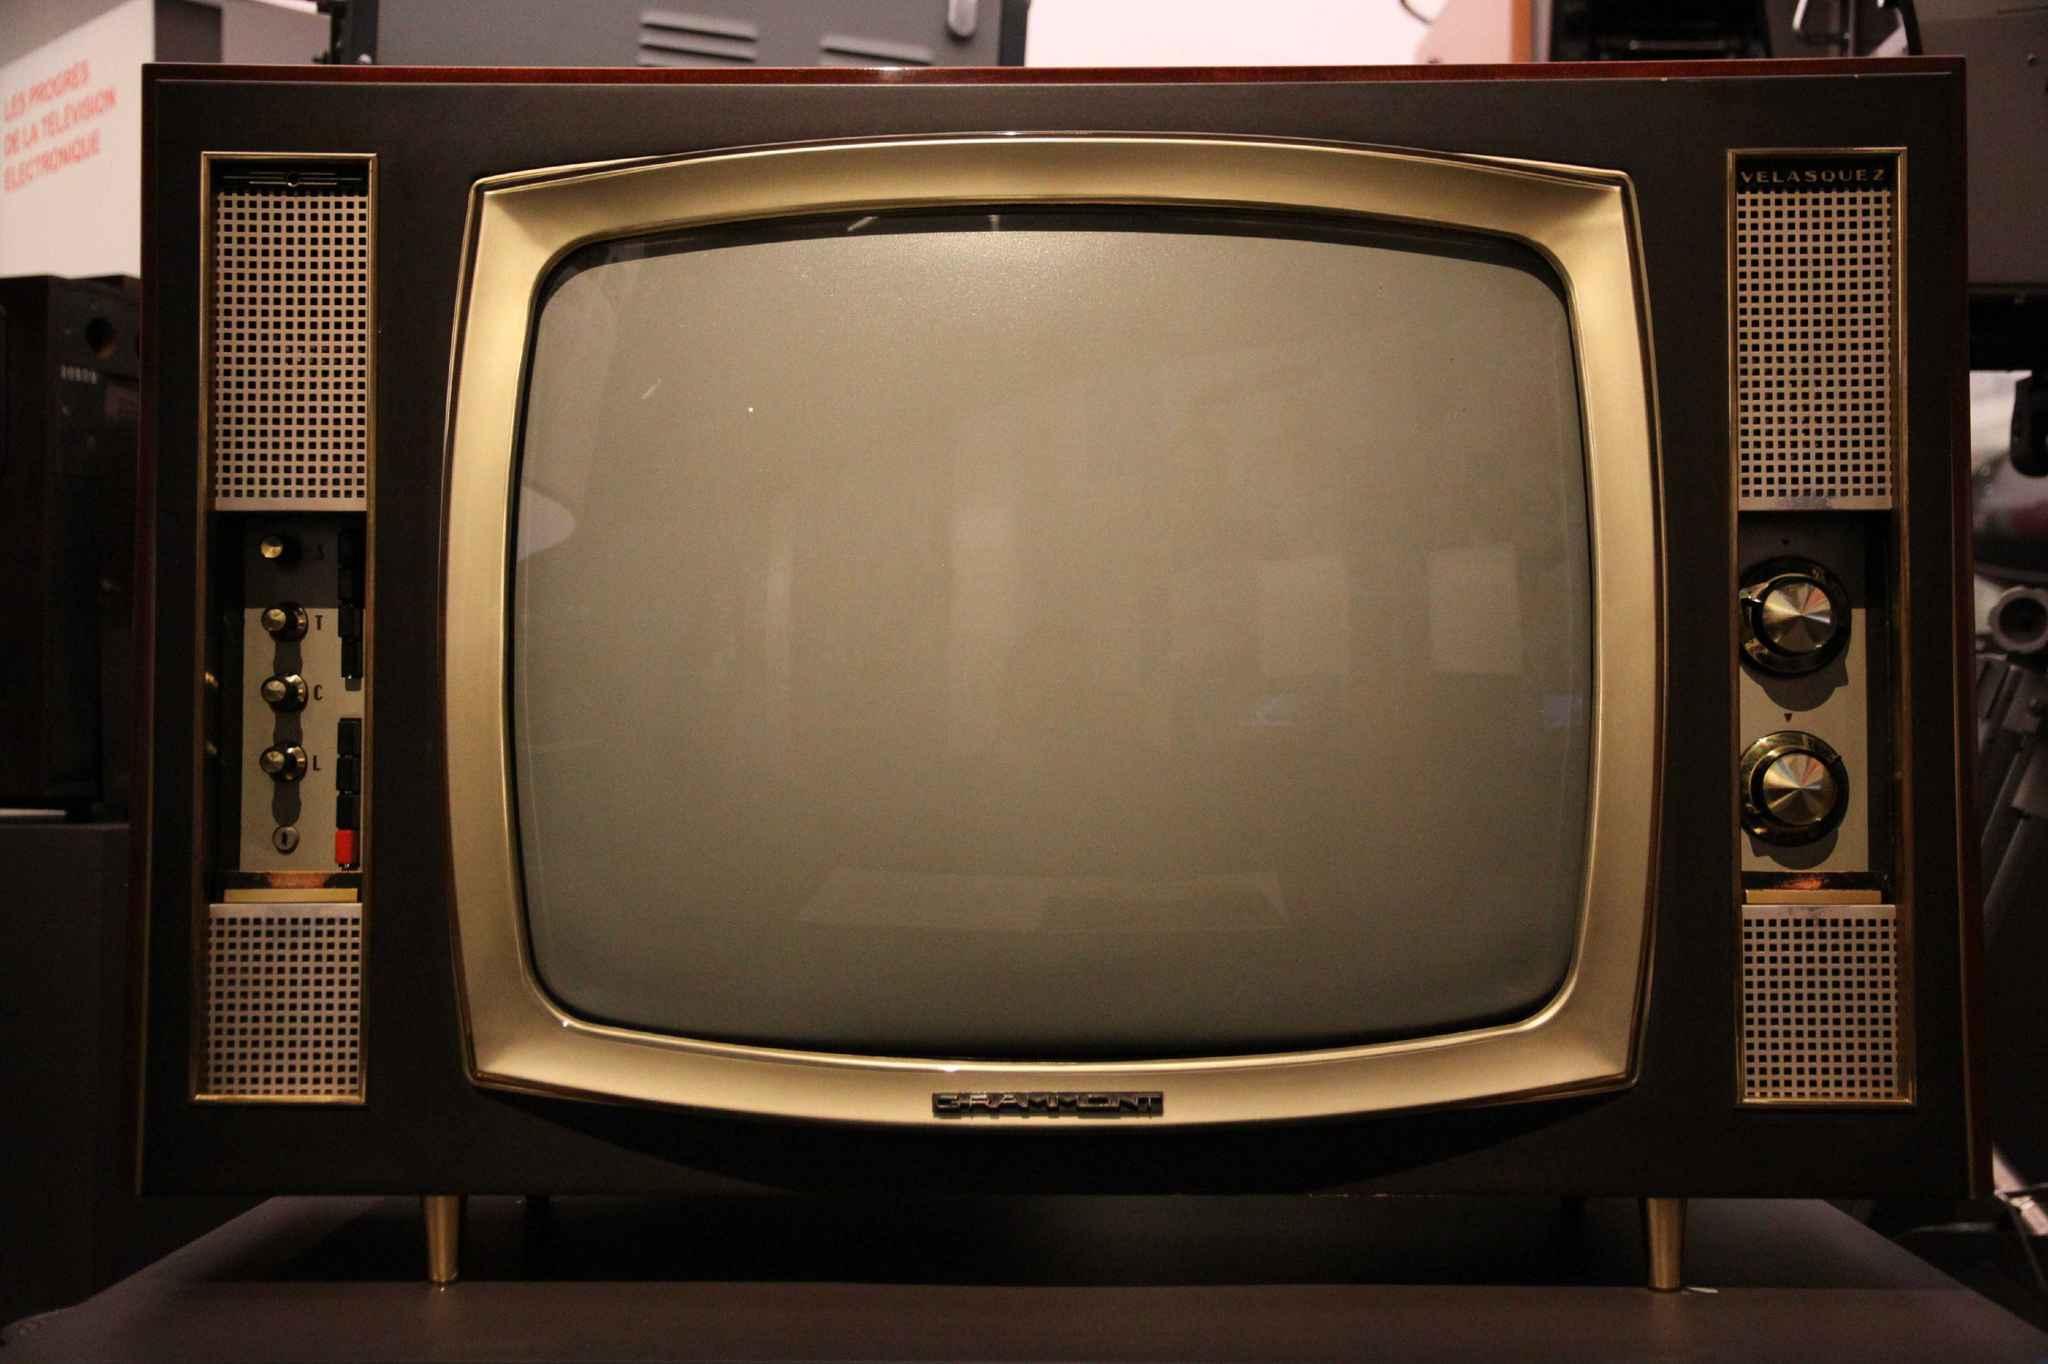 Inquiétant: un fabricant avoue que ses téléviseurs espionnaient tous ses clients!